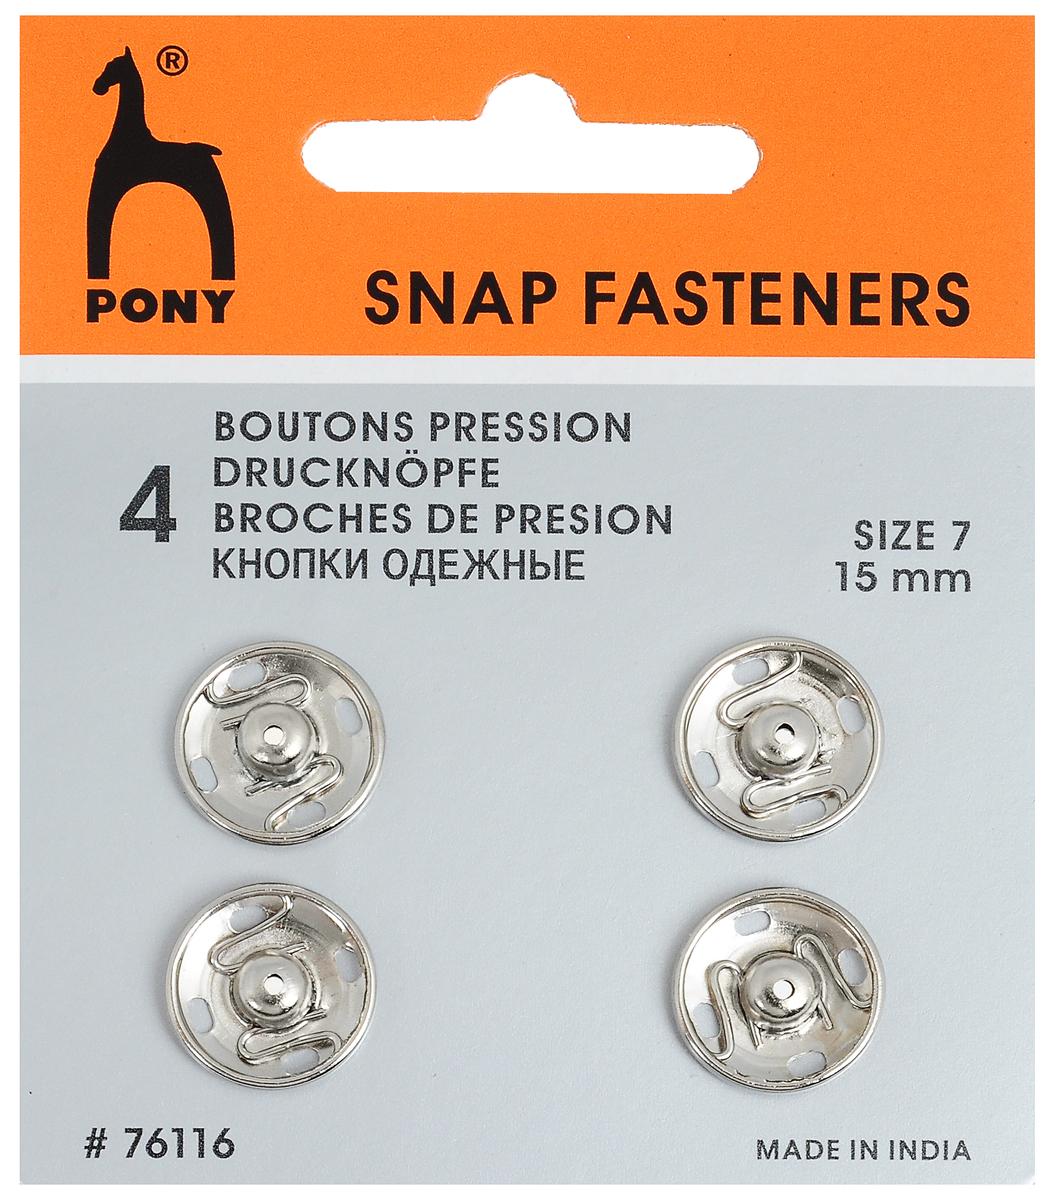 Кнопка одежная Pony, цвет: серебристый, 4 шт76116Одежные кнопки Pony изготовлены из никеля. Диаметр кнопки - 15 мм. В состав набора входит четыре кнопки одинакового размера.